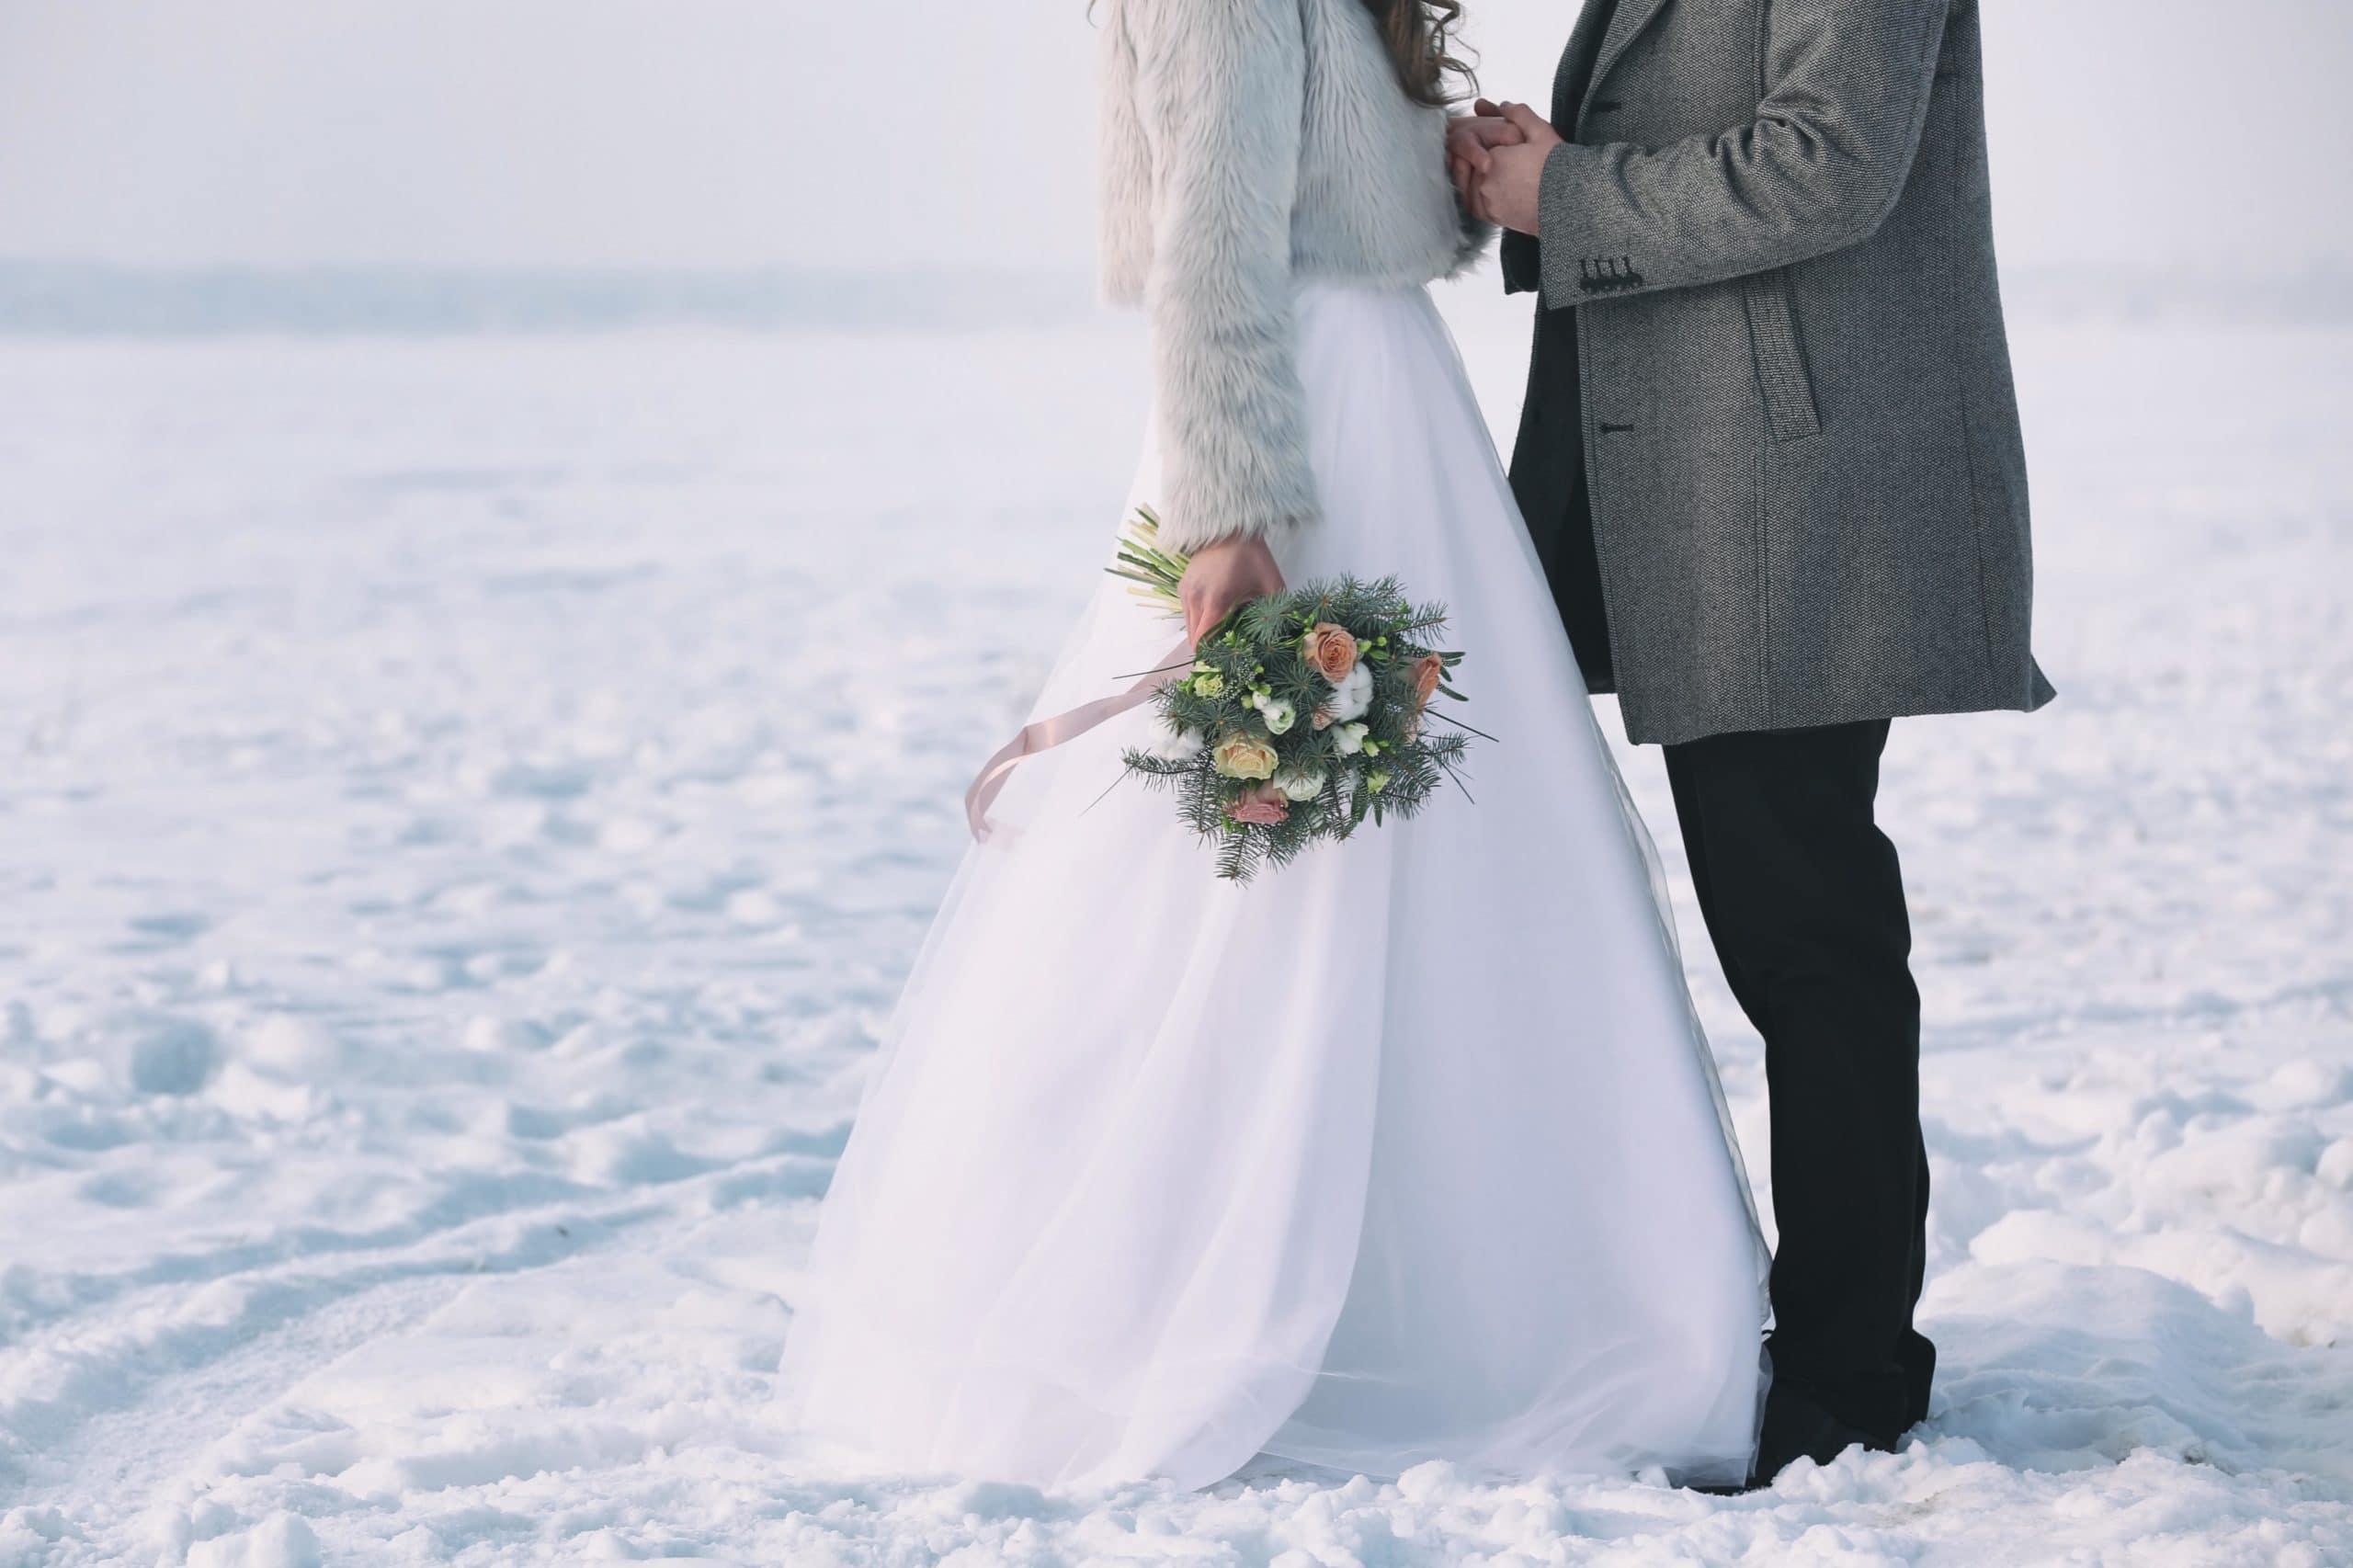 matrimonio in inverno sulla neve